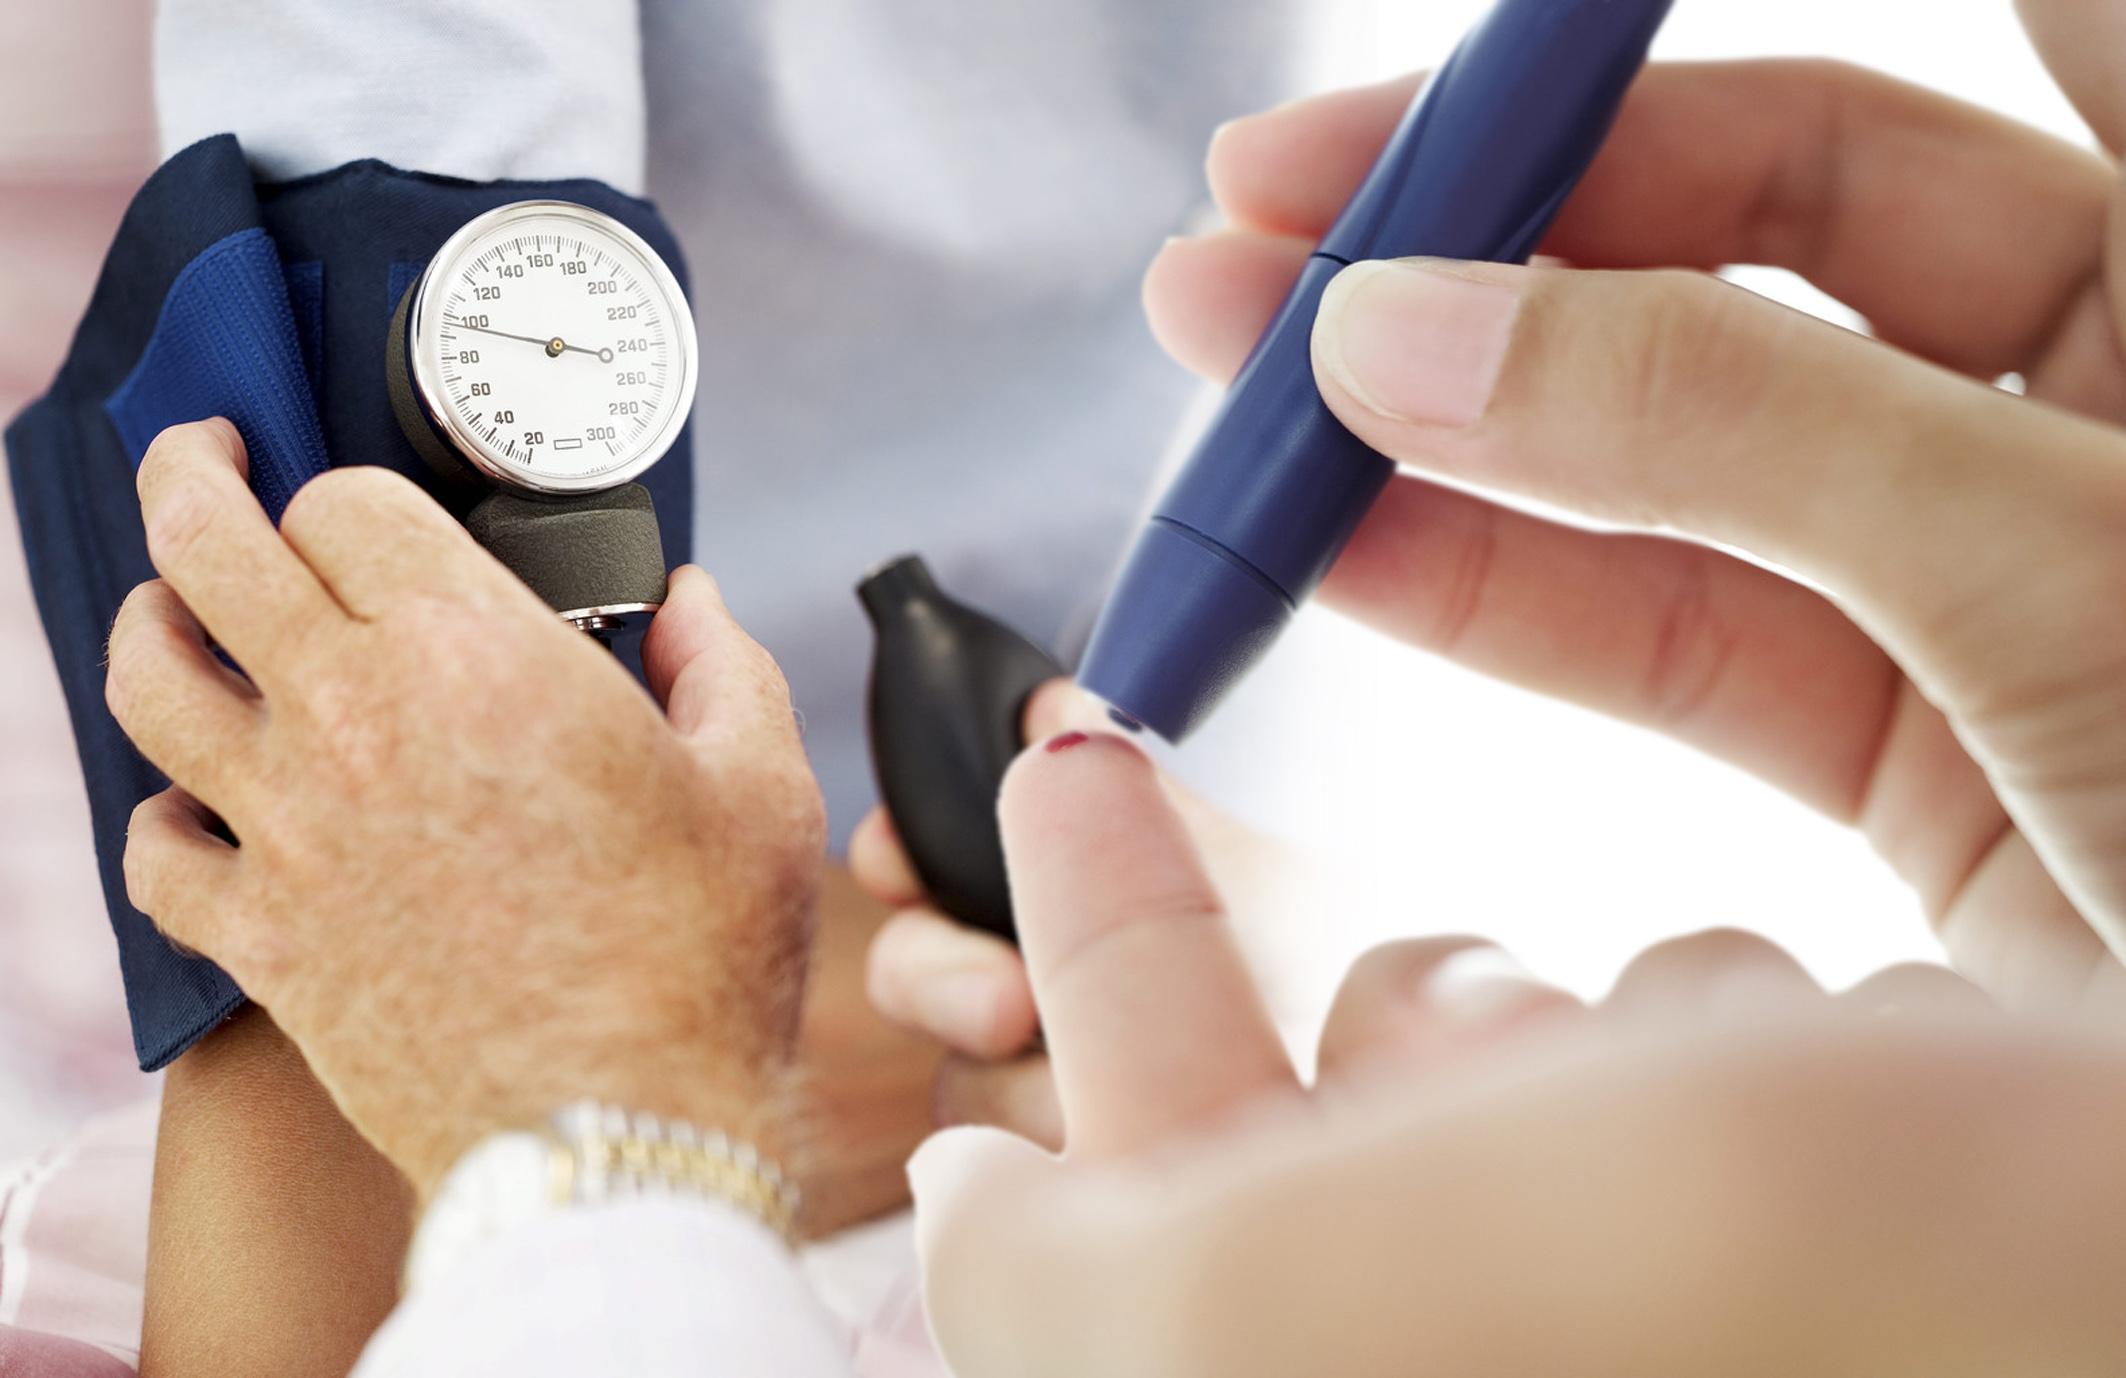 Диабети анд ва маз ба одамон